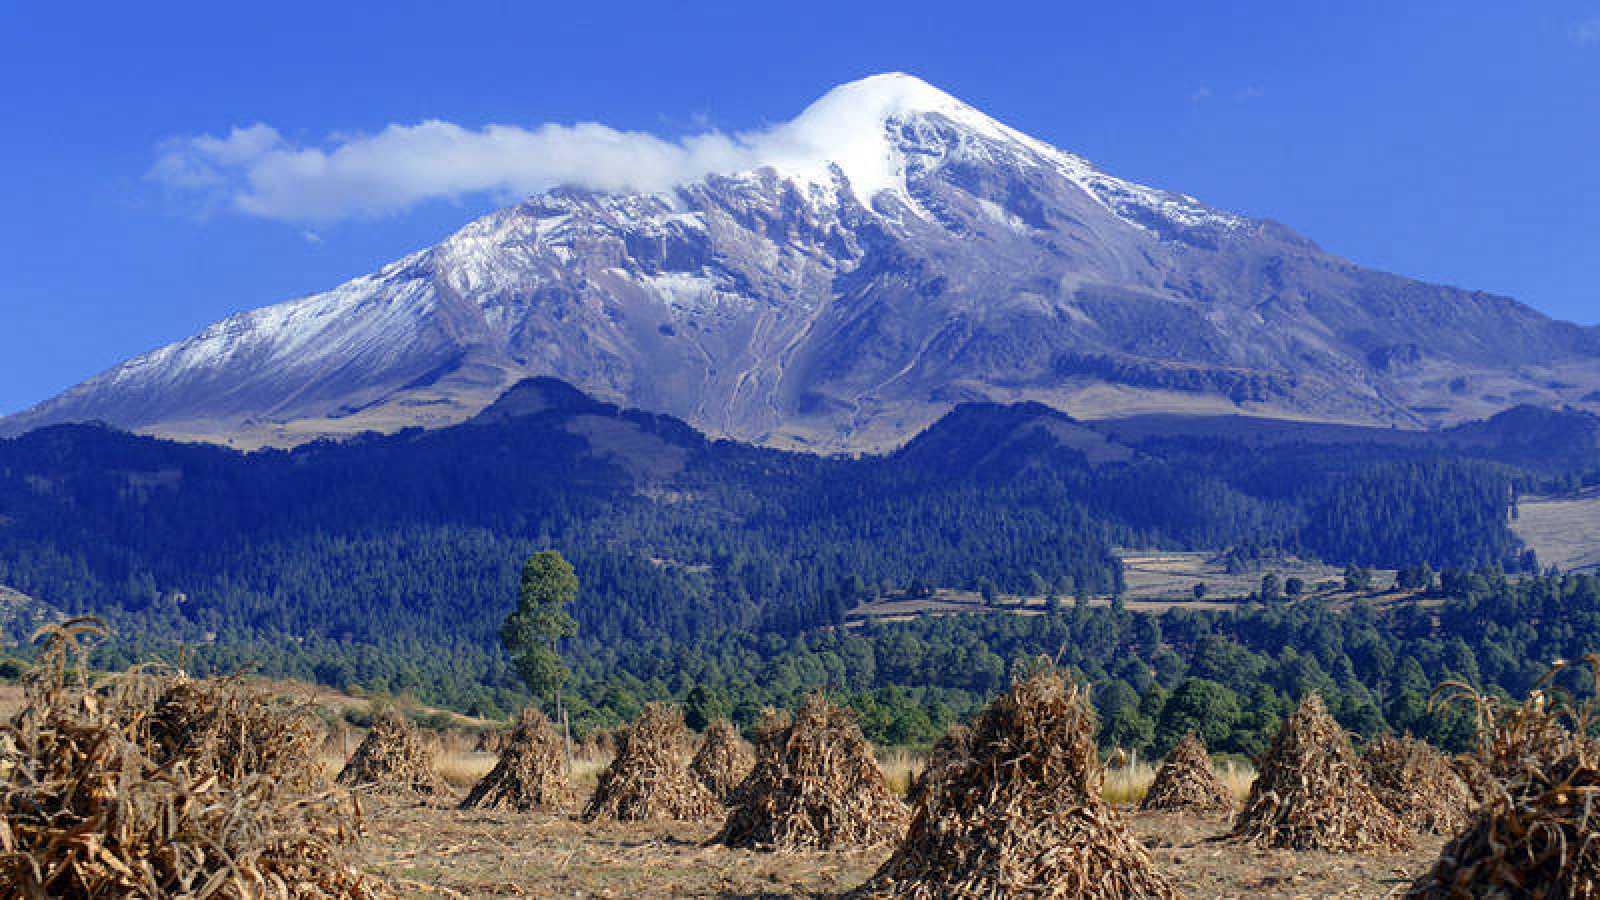 Pico de Orizaba, México